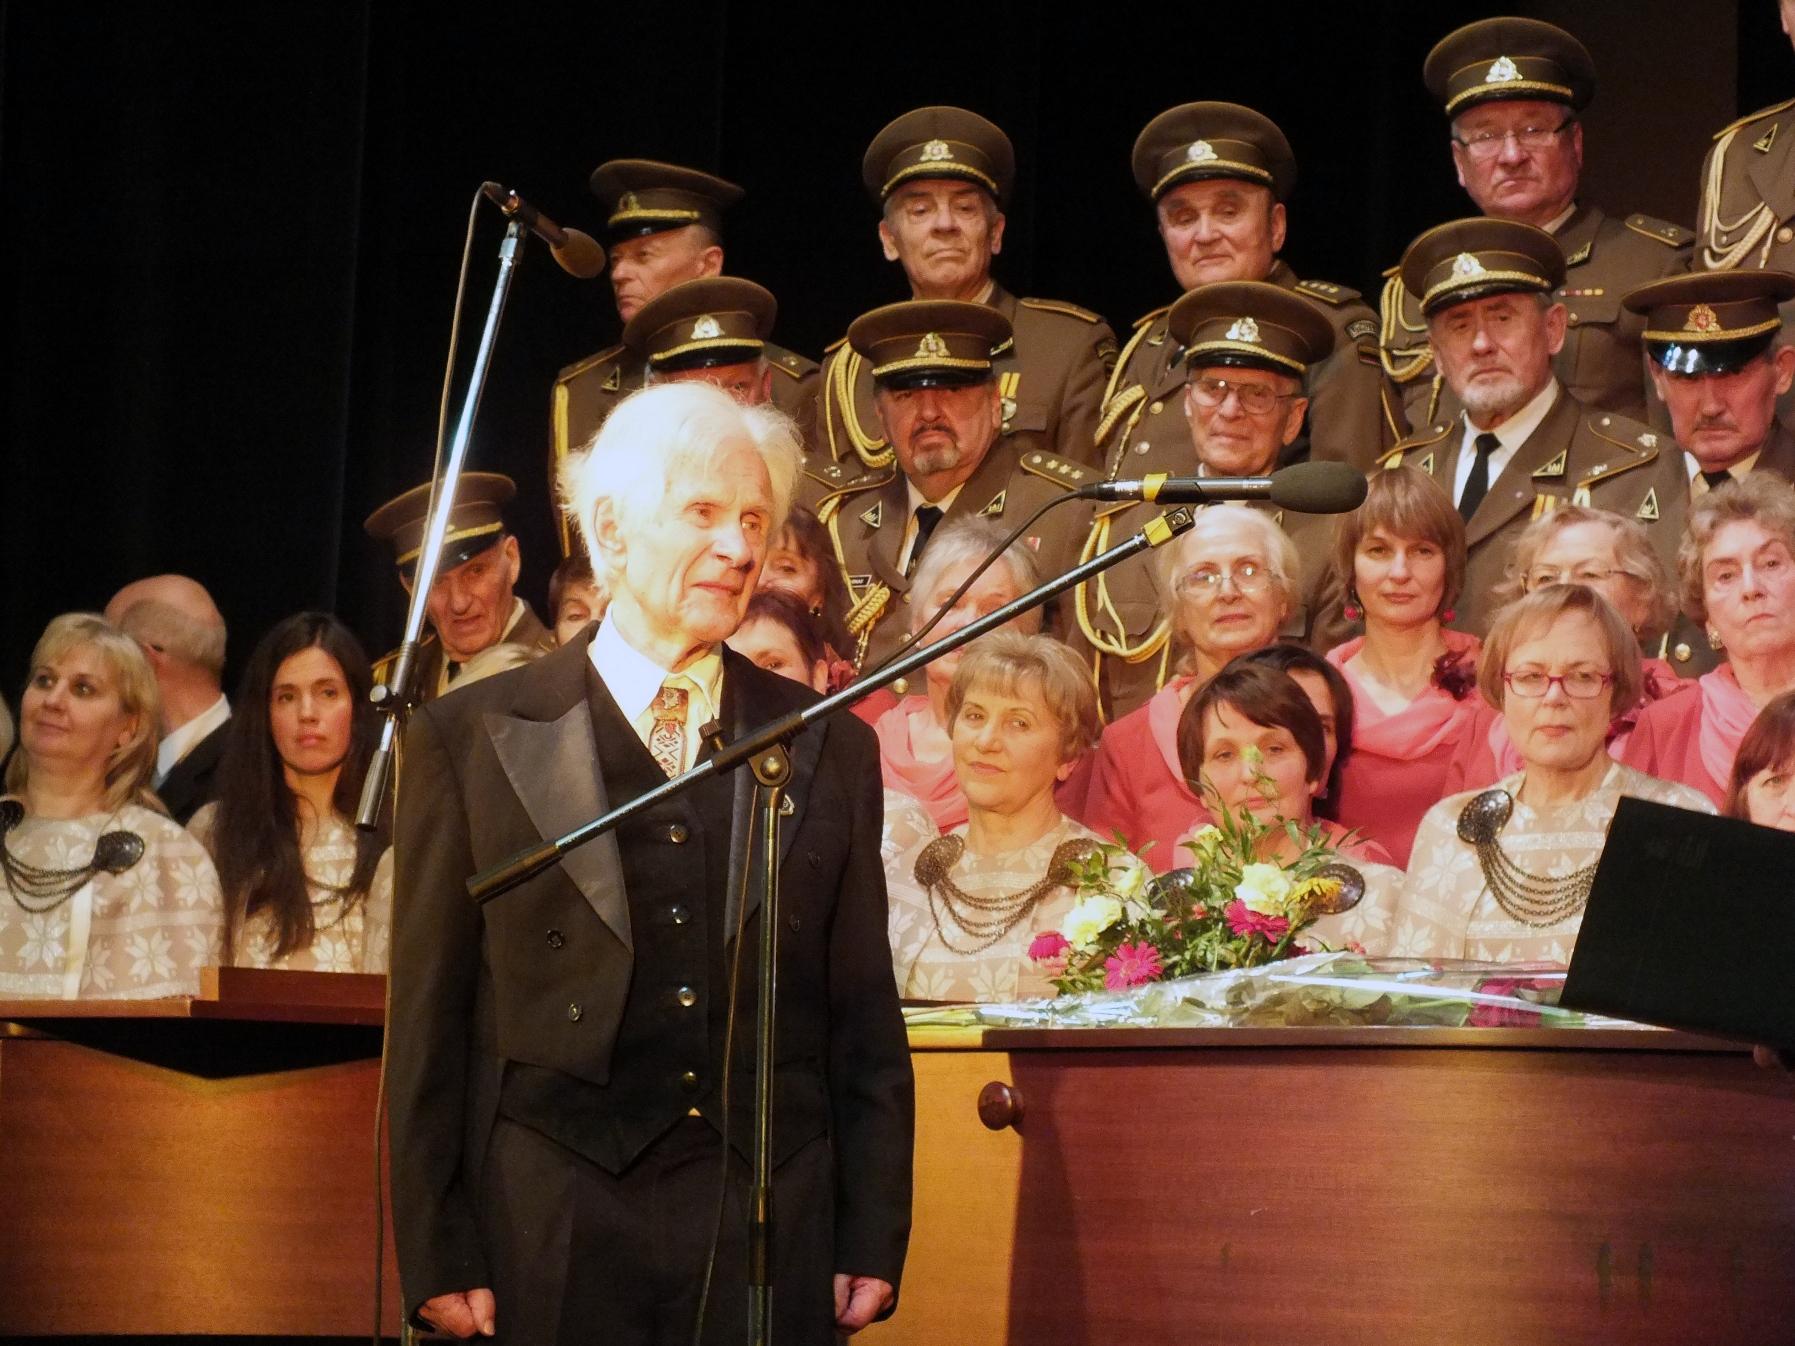 Žymaus Lietuvos choro dirigento Juozo Vanago kūrybinės veiklos bruožai